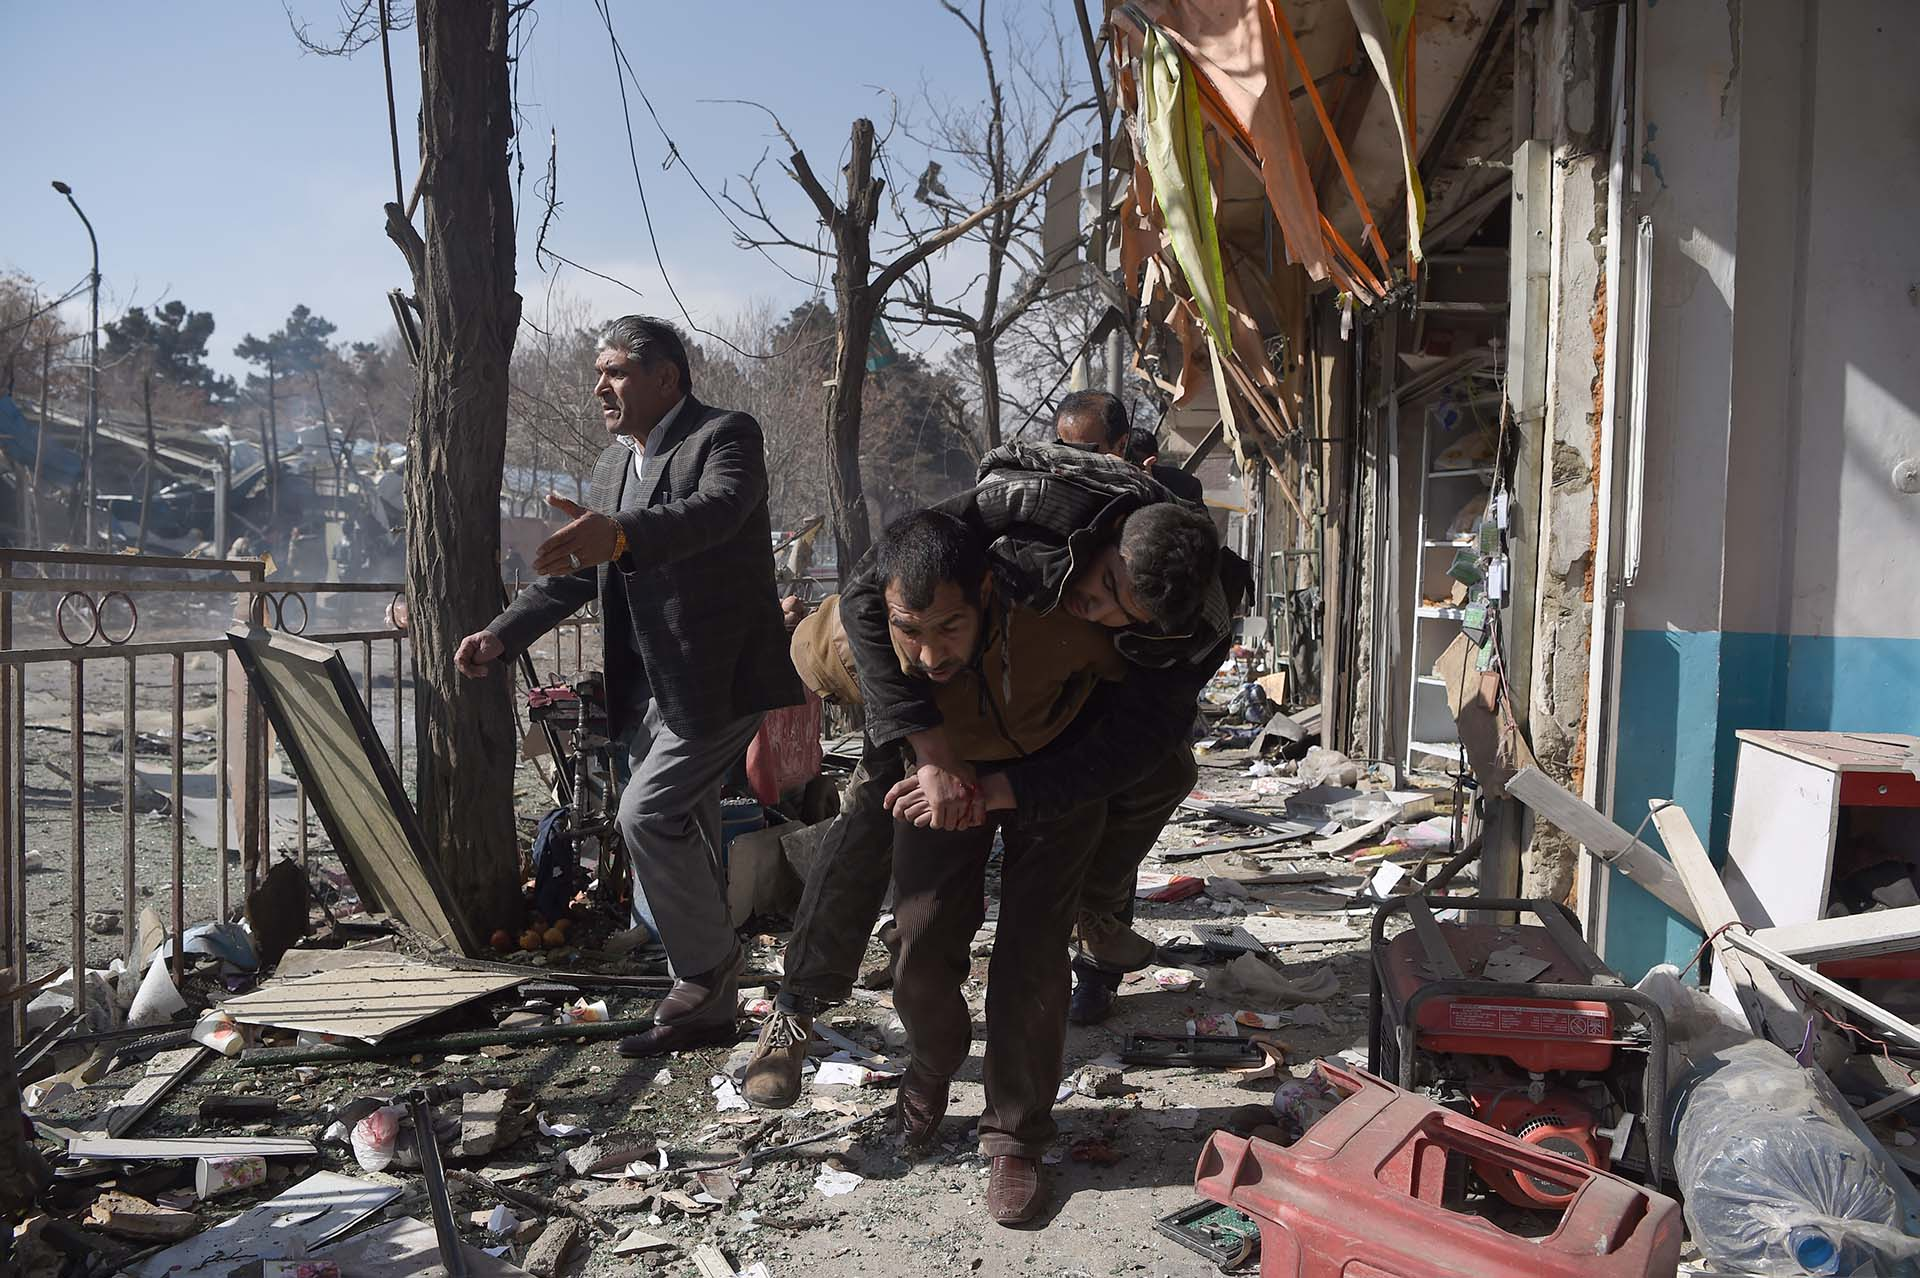 Voluntarios afganos cargan el cuerpo de una víctima de un coche bomba que explotó frente al Ministerio del Interior en Kabul el 27 de enero